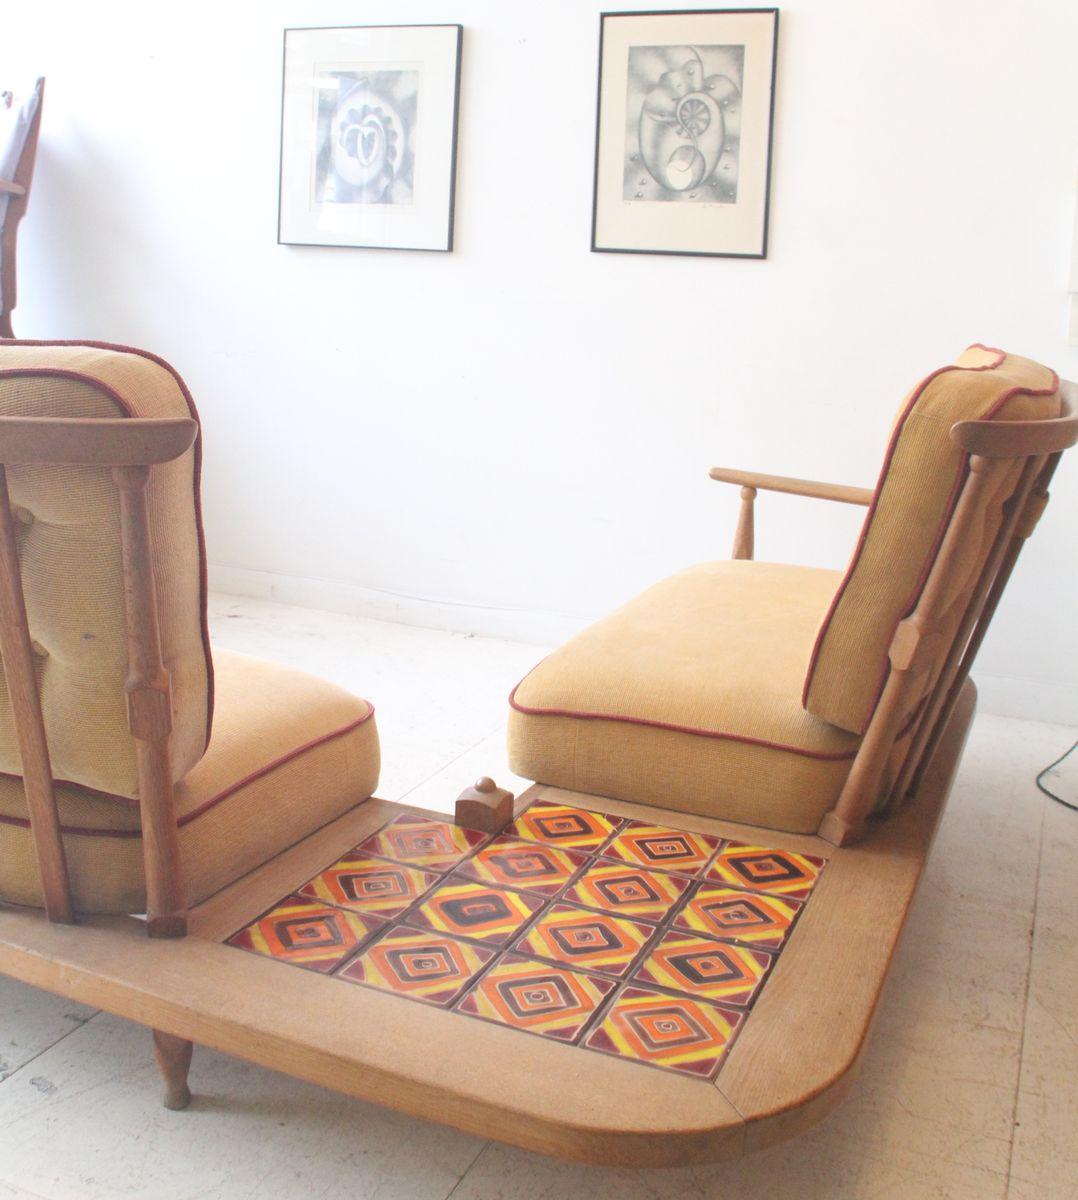 canap pour coin avec table basse int gr e par guillerme chambron pour votre maison 1950s en. Black Bedroom Furniture Sets. Home Design Ideas